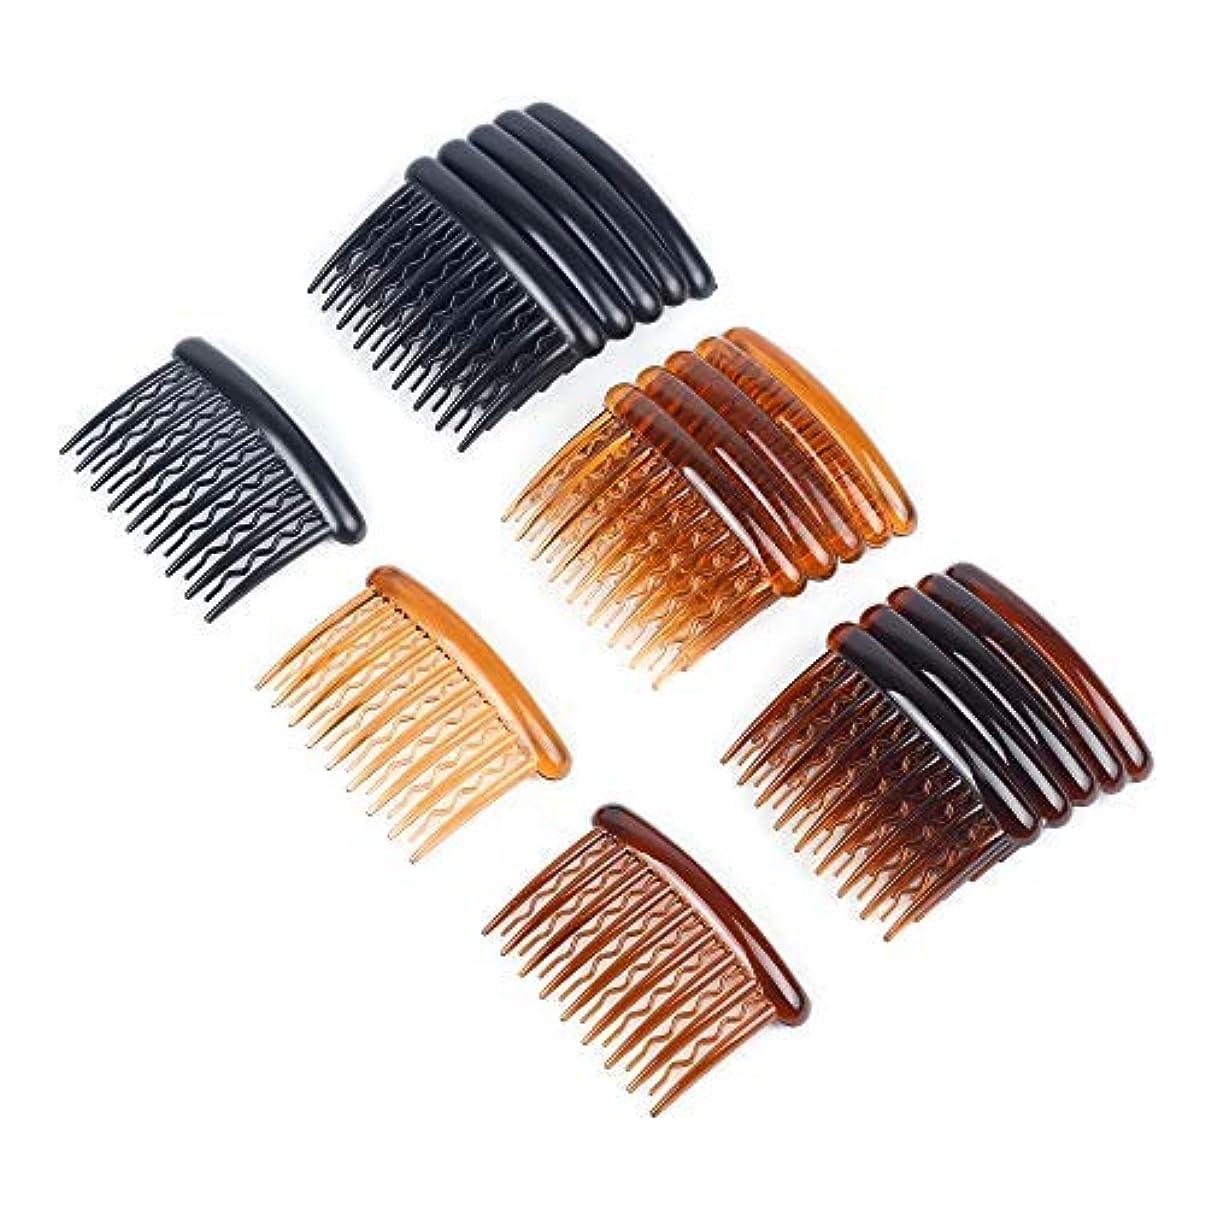 ハンディ追い越すネットWBCBEC 18 Pieces Plastic Teeth Hair Combs Tortoise Side Comb Hair Accessories for Fine Hair [並行輸入品]